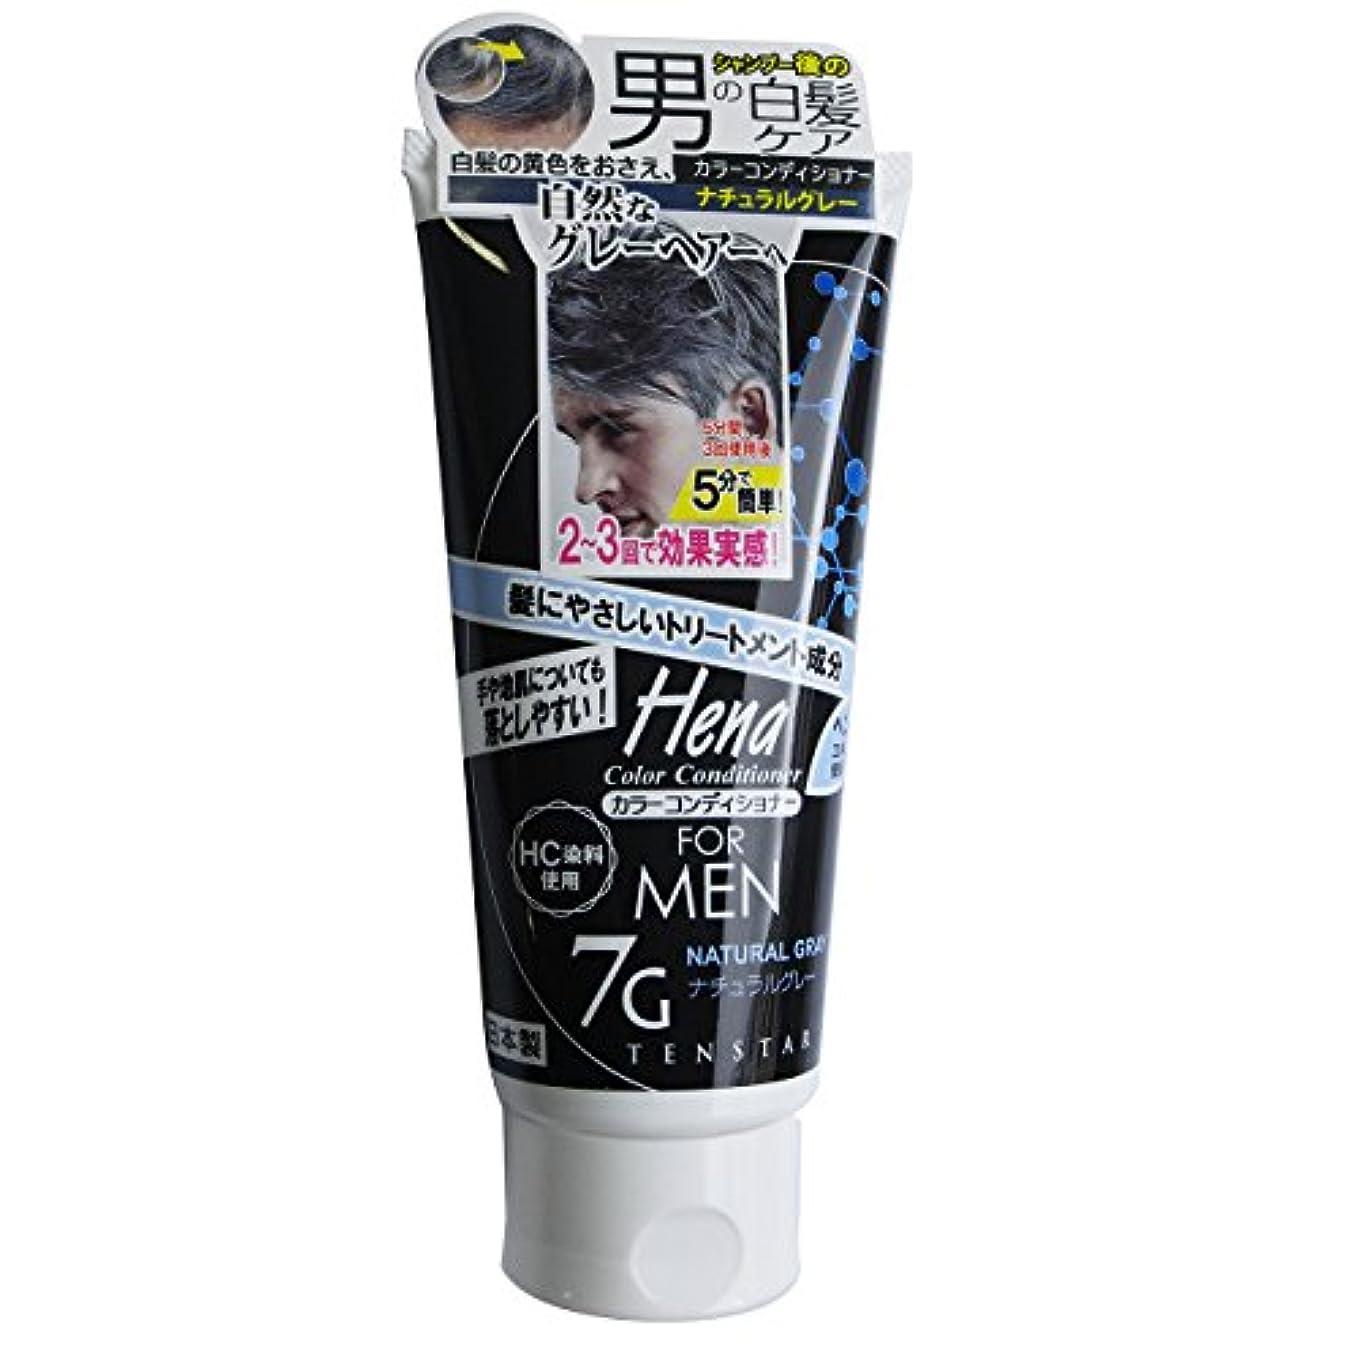 ベスビオ山悪夢オレンジテンスター カラーコンディショナー for MEN ナチュラルグレー 178g